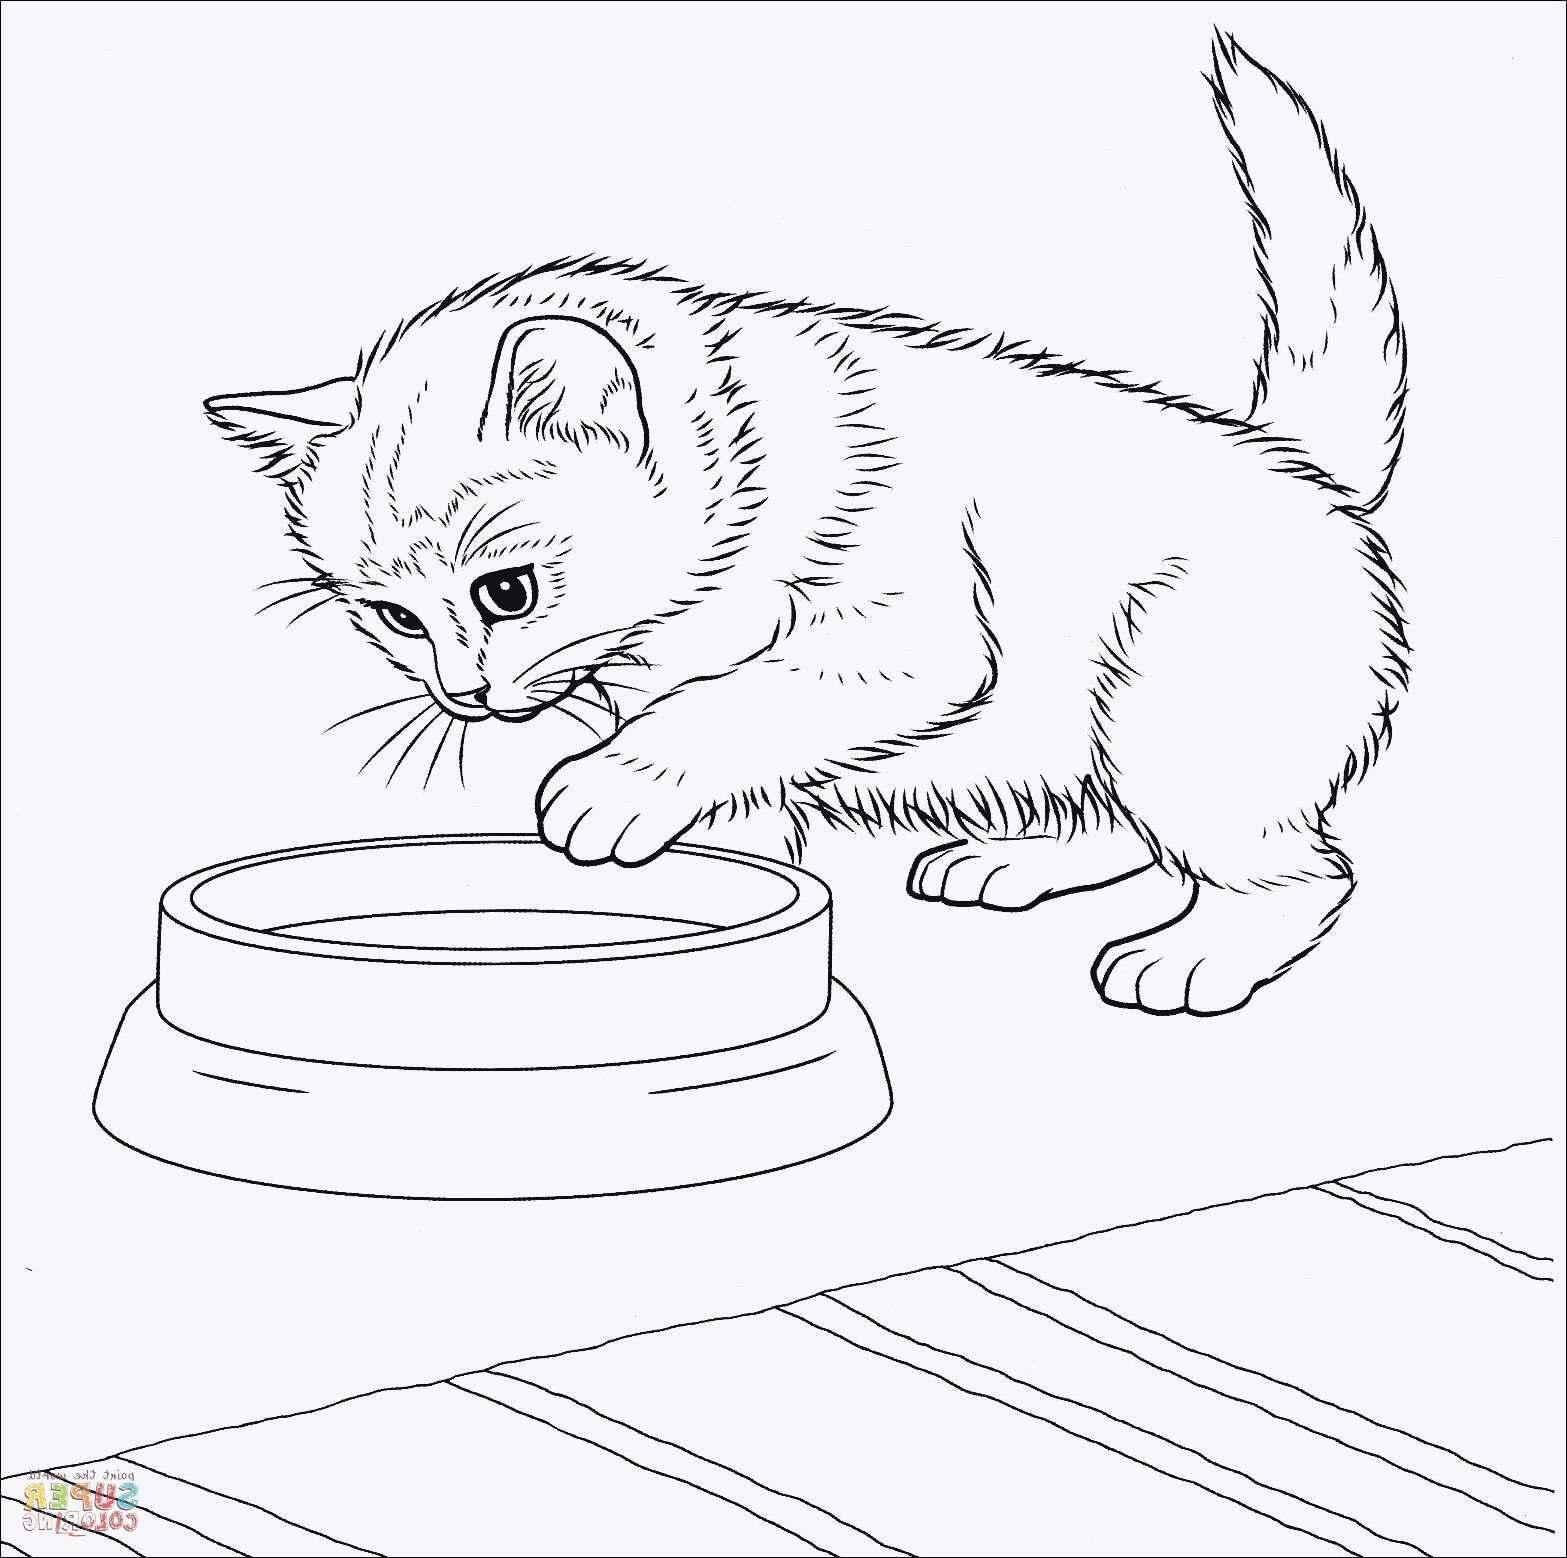 katzenbilder zum ausmalen  ausmalbilder einhorn